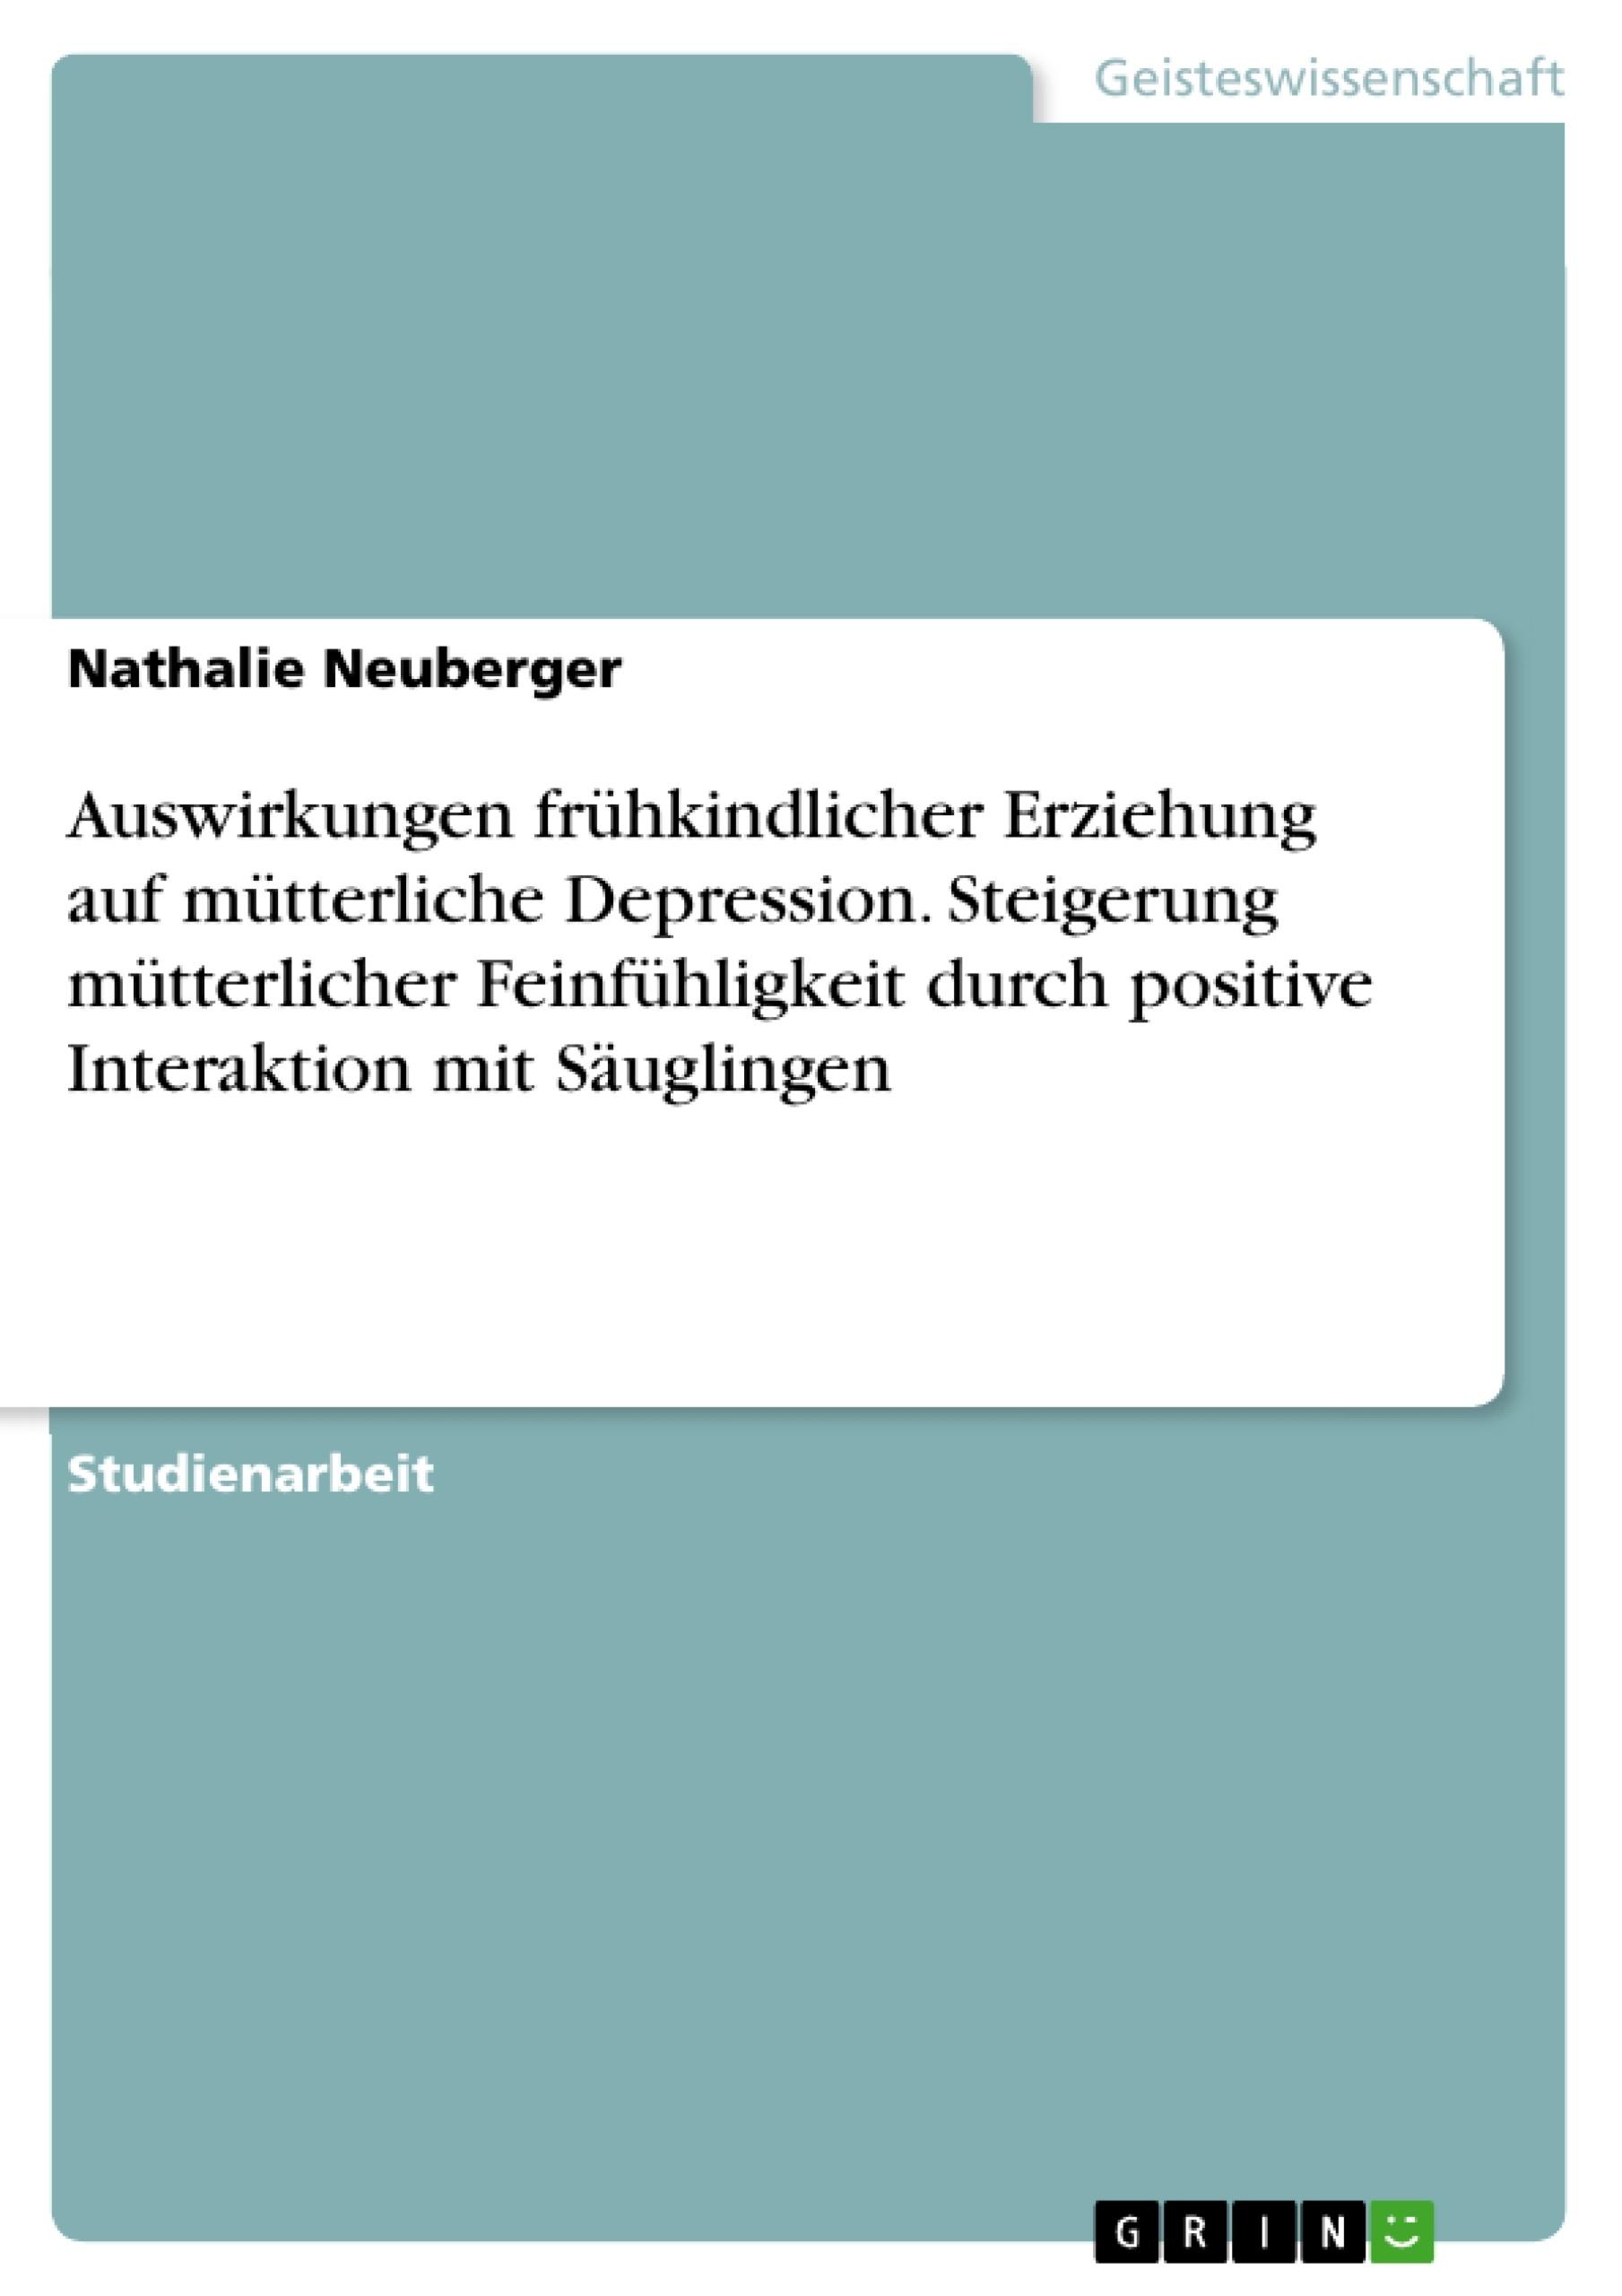 Titel: Auswirkungen frühkindlicher Erziehung auf mütterliche Depression. Steigerung mütterlicher Feinfühligkeit durch positive Interaktion mit Säuglingen